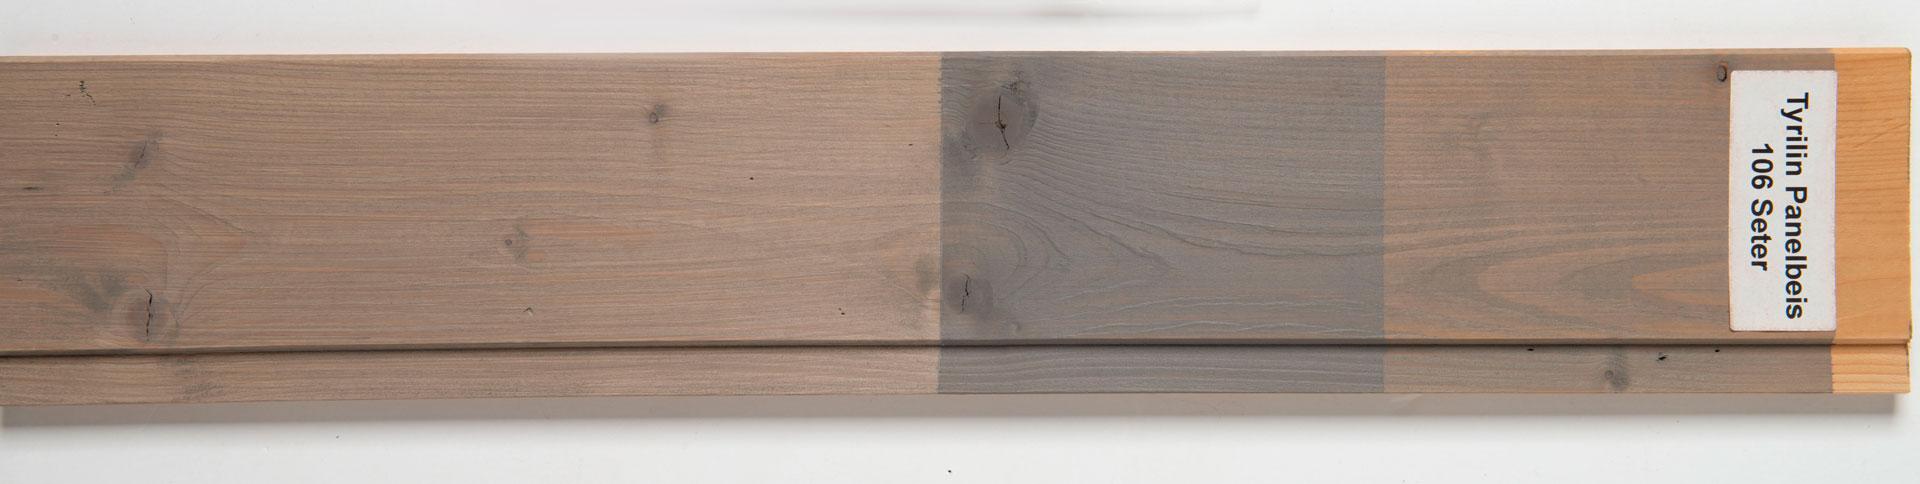 Oppstrok-106-seter panelbeis